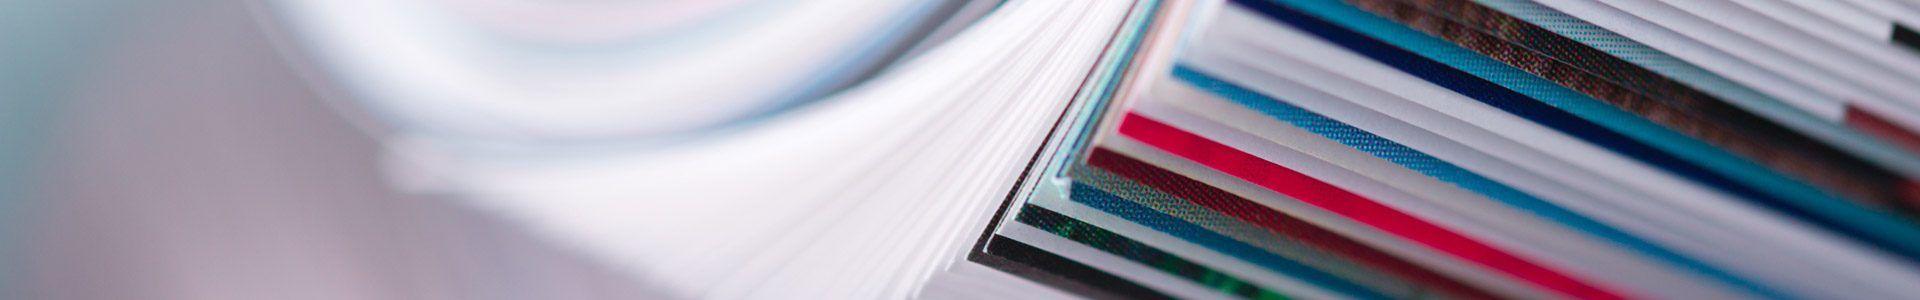 7 redenen waarom papier je zintuigen streelt